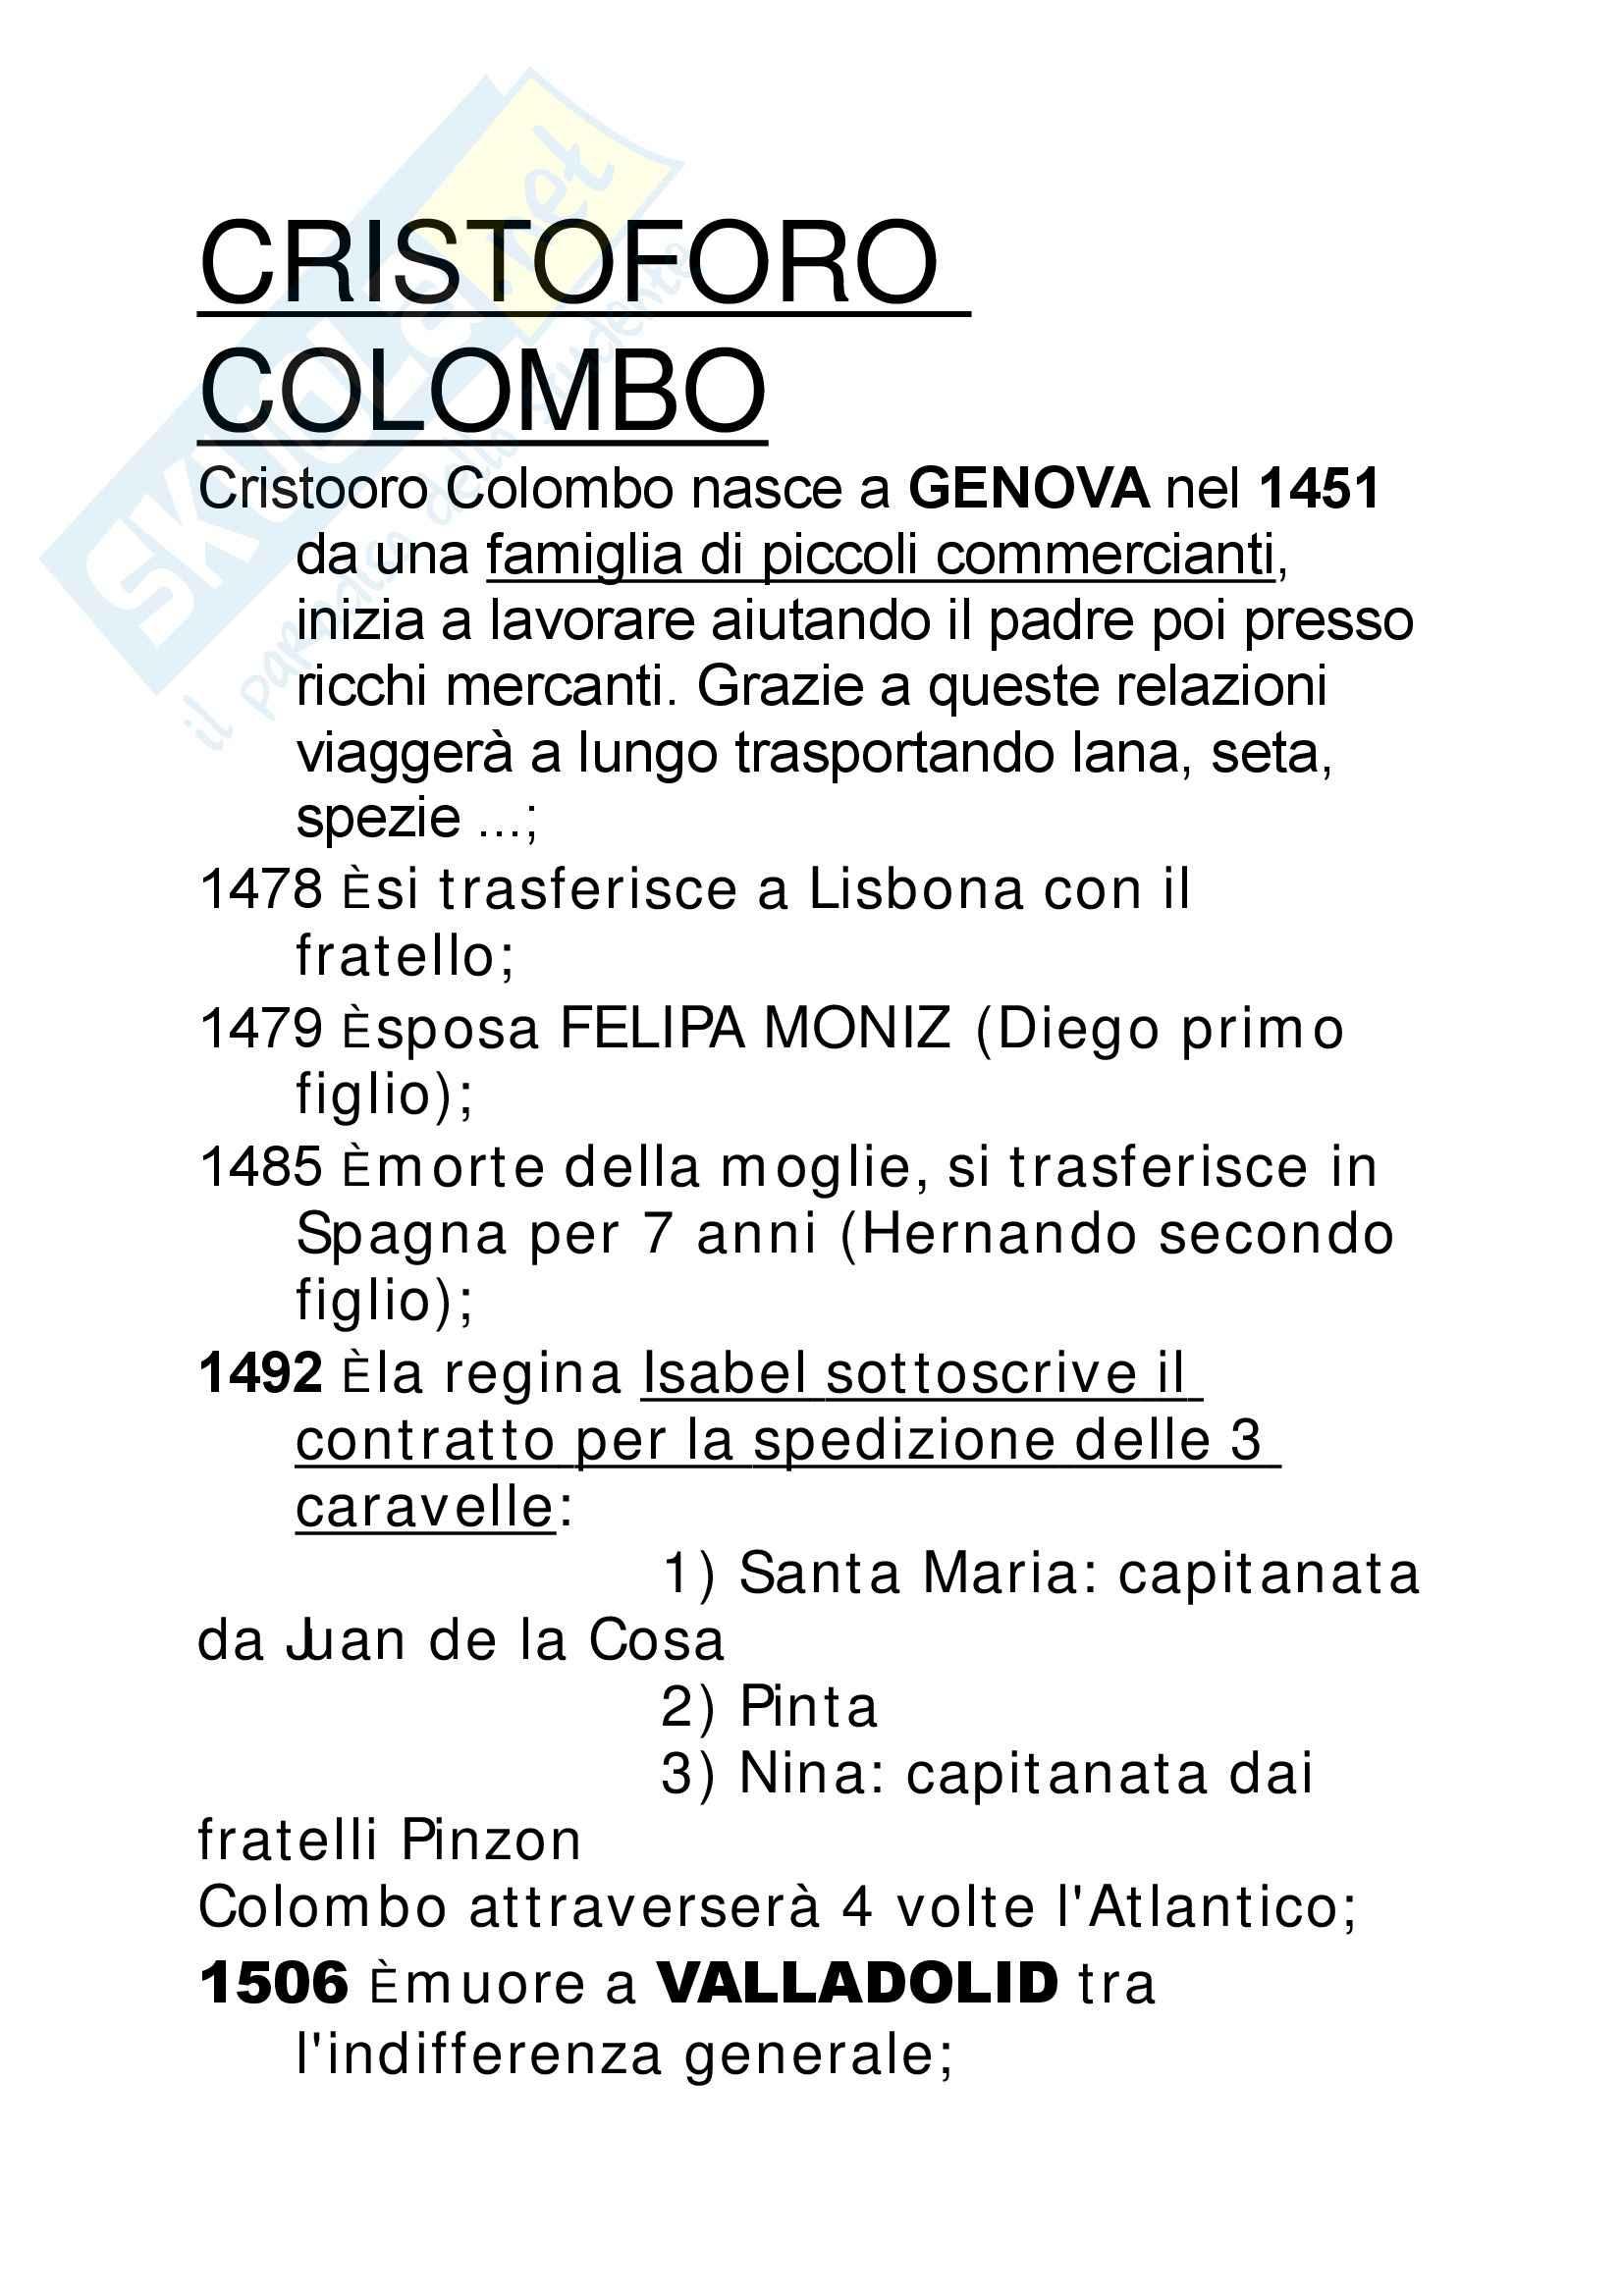 Cristoforo Colombo - Appunti